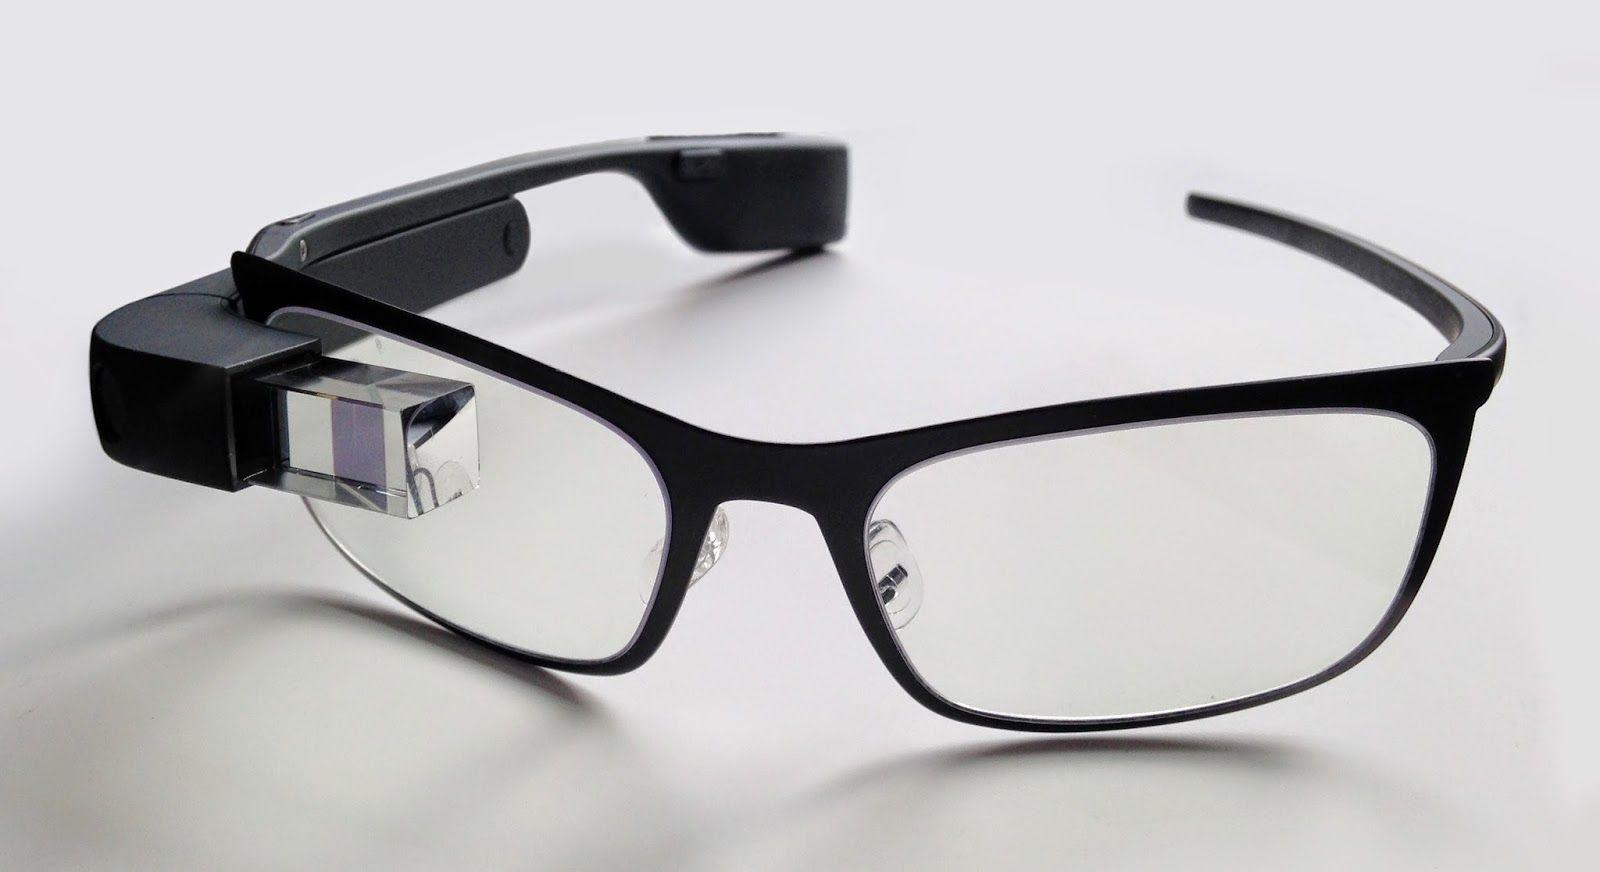 Google Glass, ¿qué se espera y no se espera sobre esta innovación?